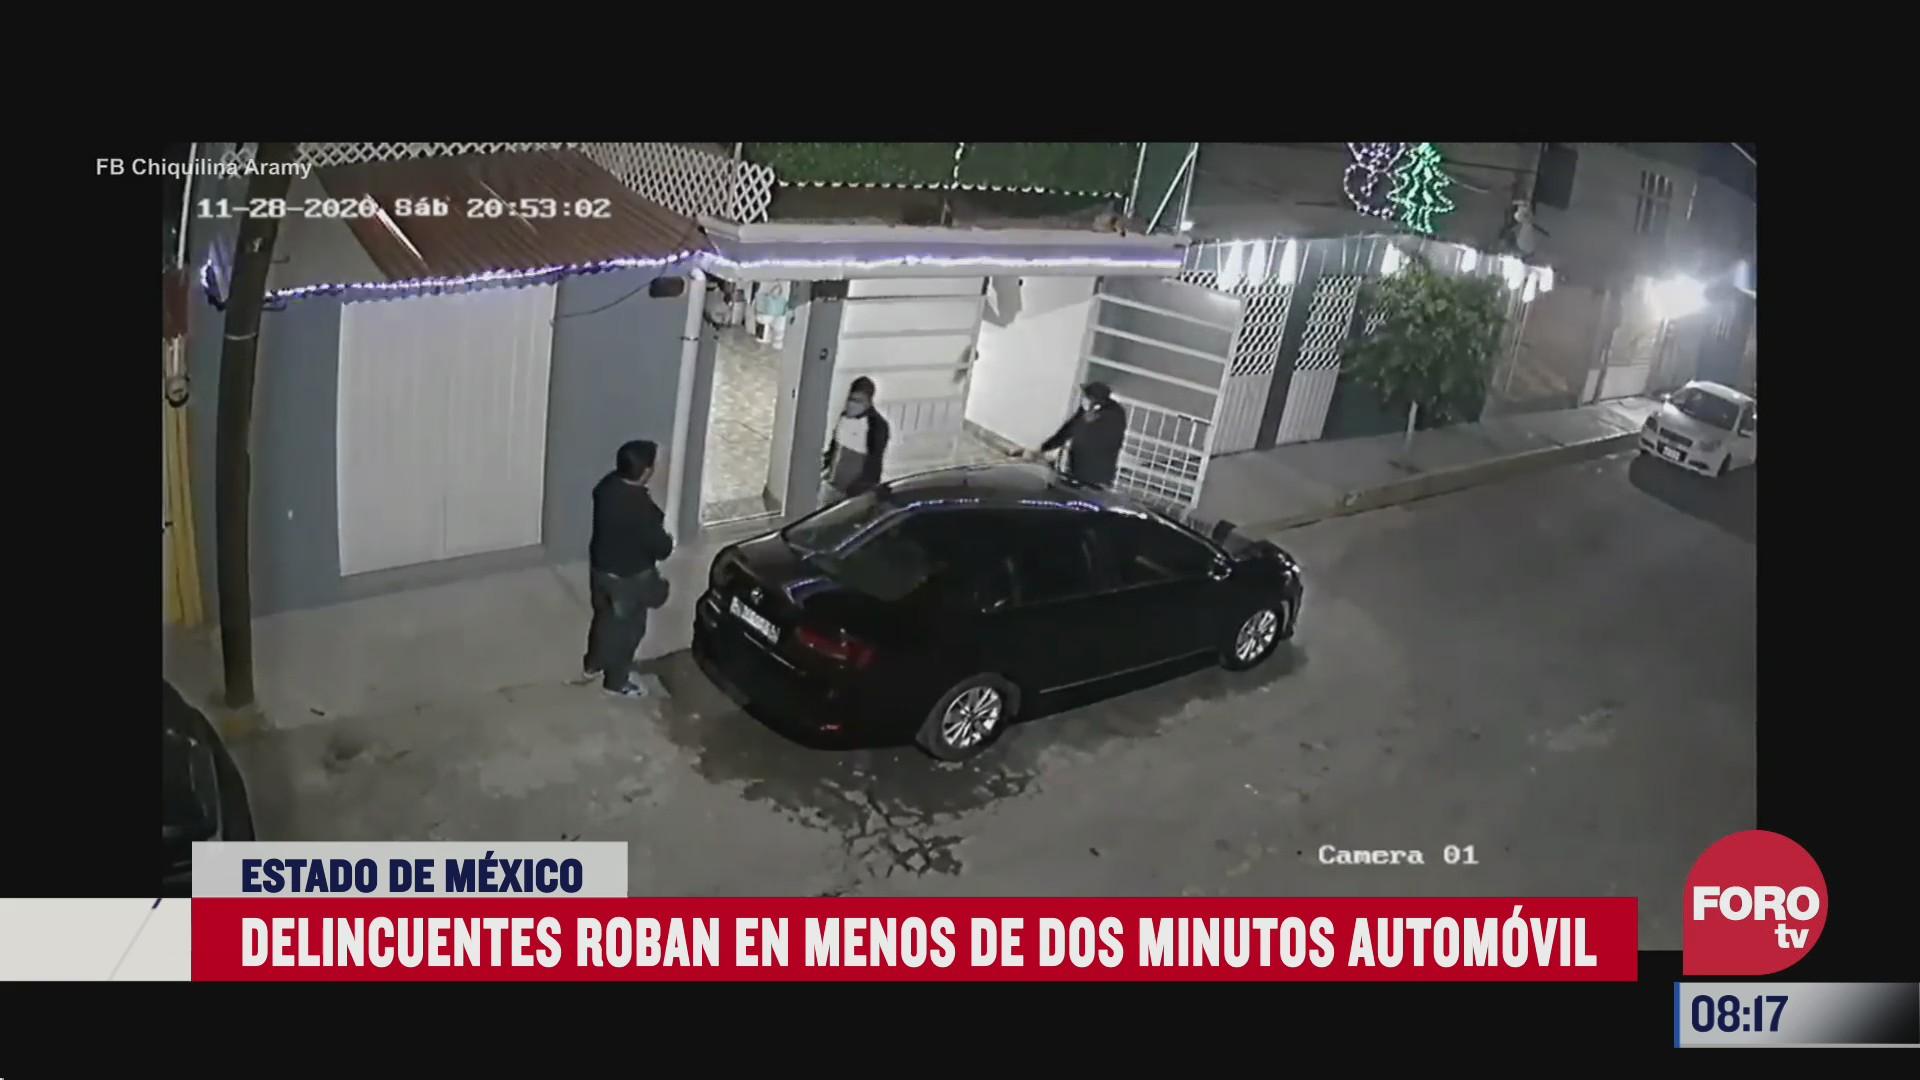 captan en video el robo de un automovil en el estado de mexico